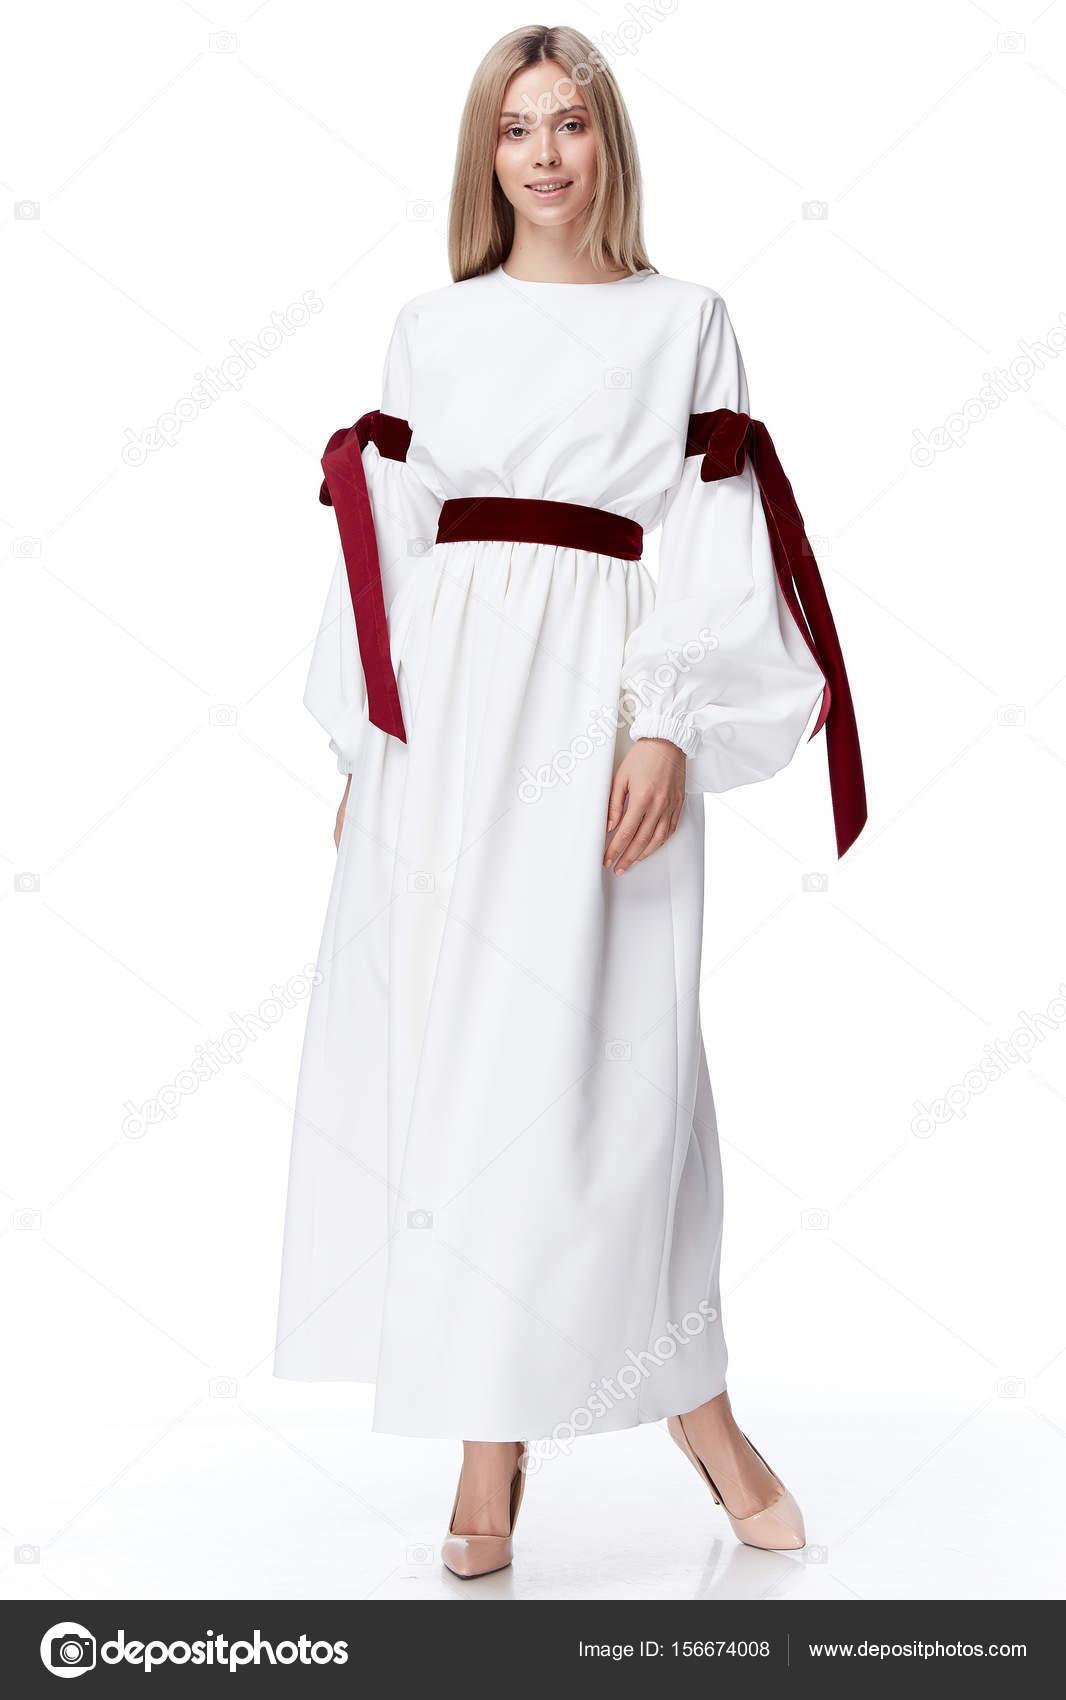 0cc89683588d Bella sexy carino modello bionda capelli donna moda indossare stile per  partito vestiti vestito di seta naturale organico strisce prua sfondo bianco  trucco ...